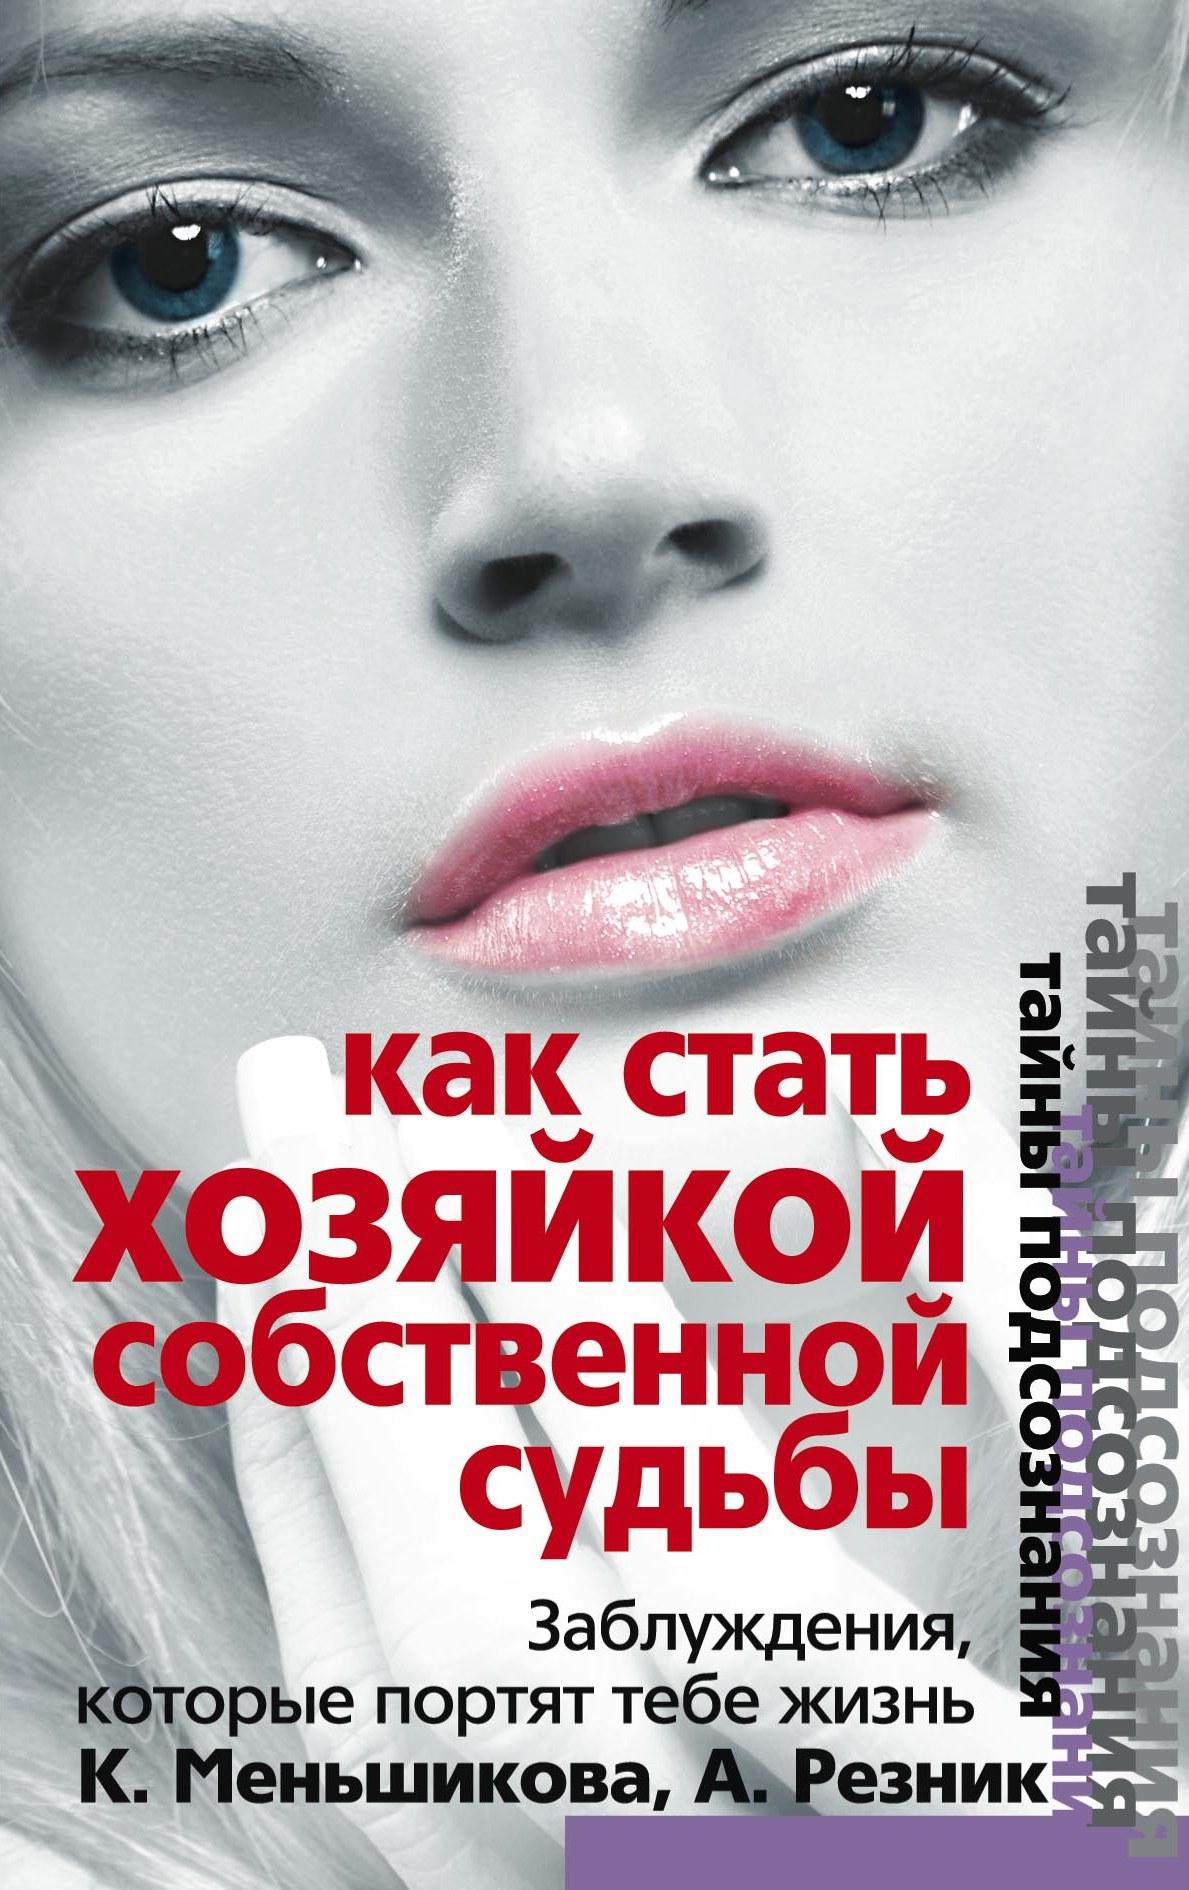 купить Ксения Меньшикова Как стать Хозяйкой собственной судьбы. Заблуждения, которые портят тебе жизнь по цене 79.9 рублей